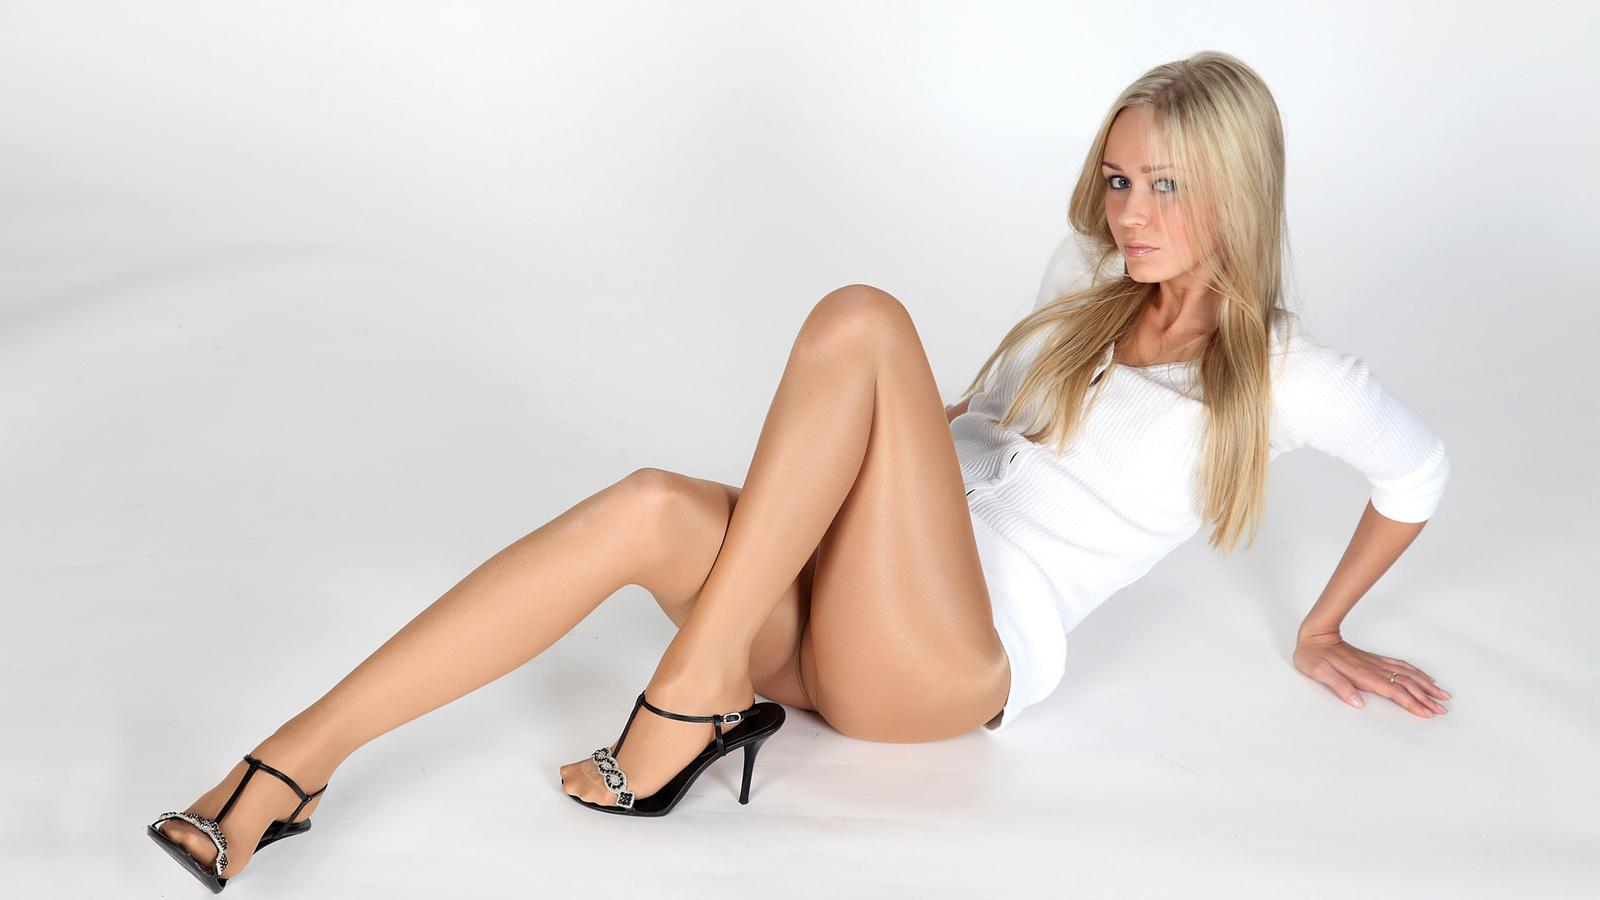 колготки длинноногая блондинка вроде как незаметно